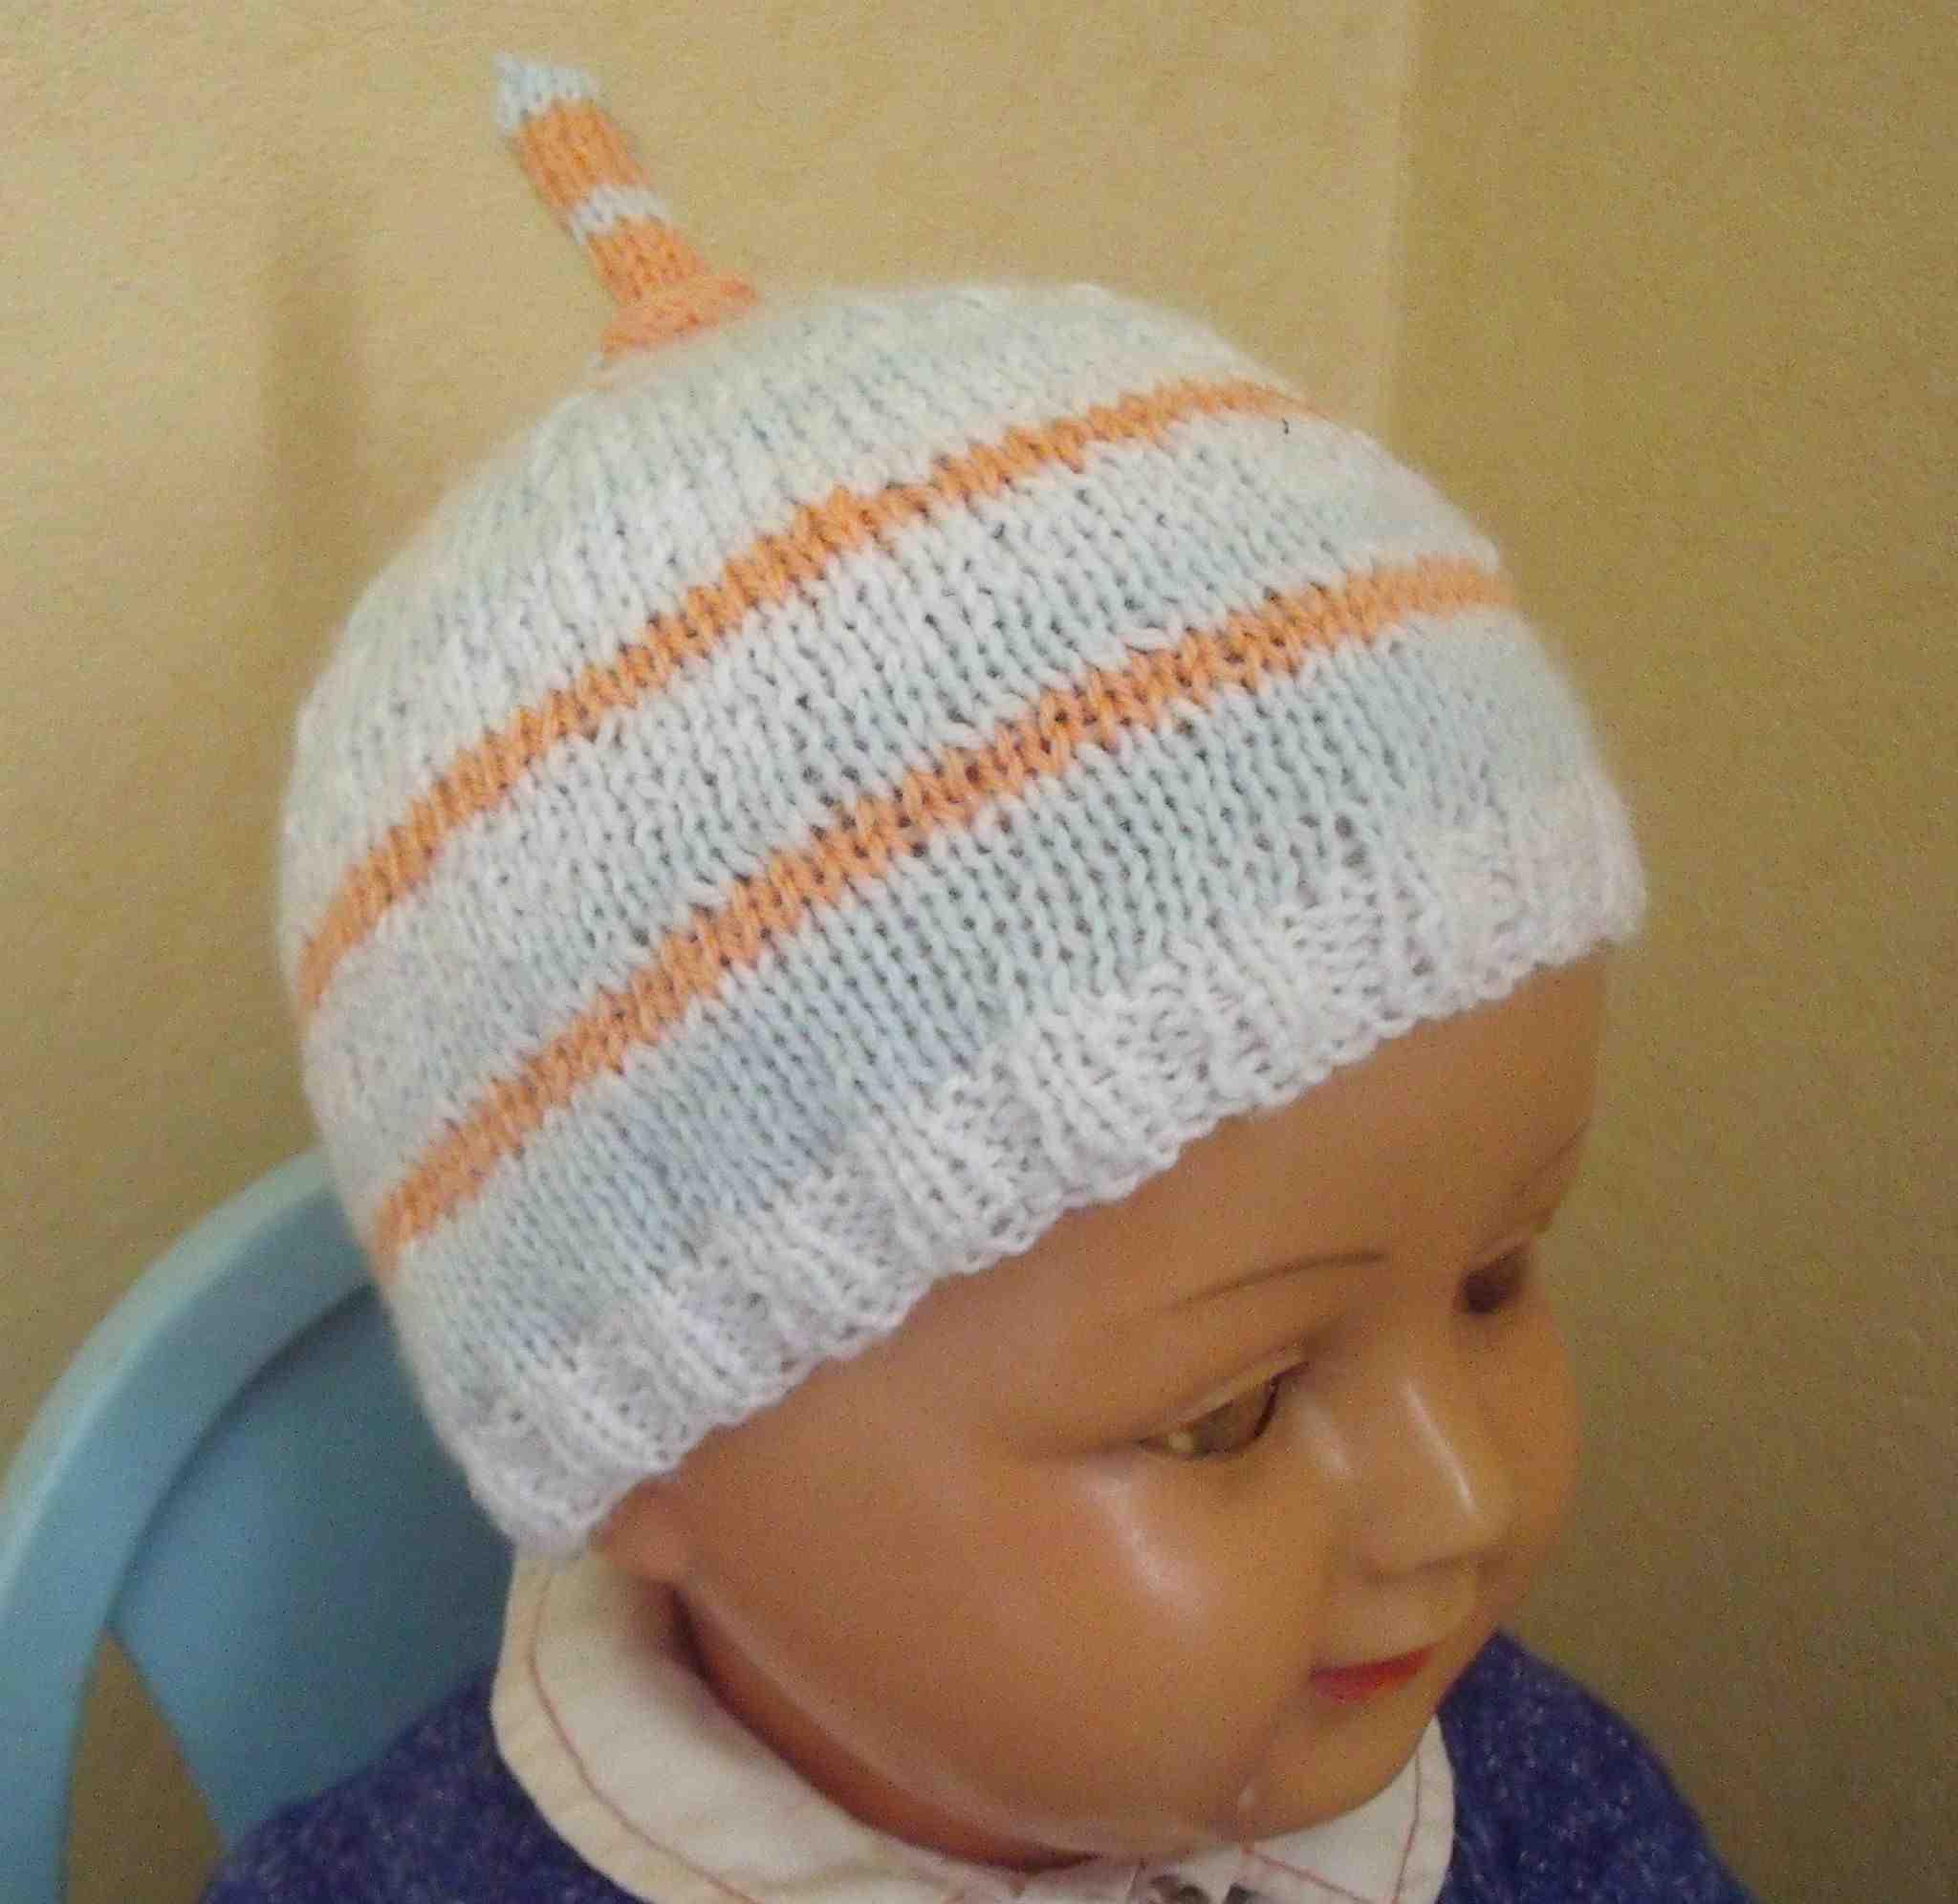 Comment tricoter un bonnet pour enfants?